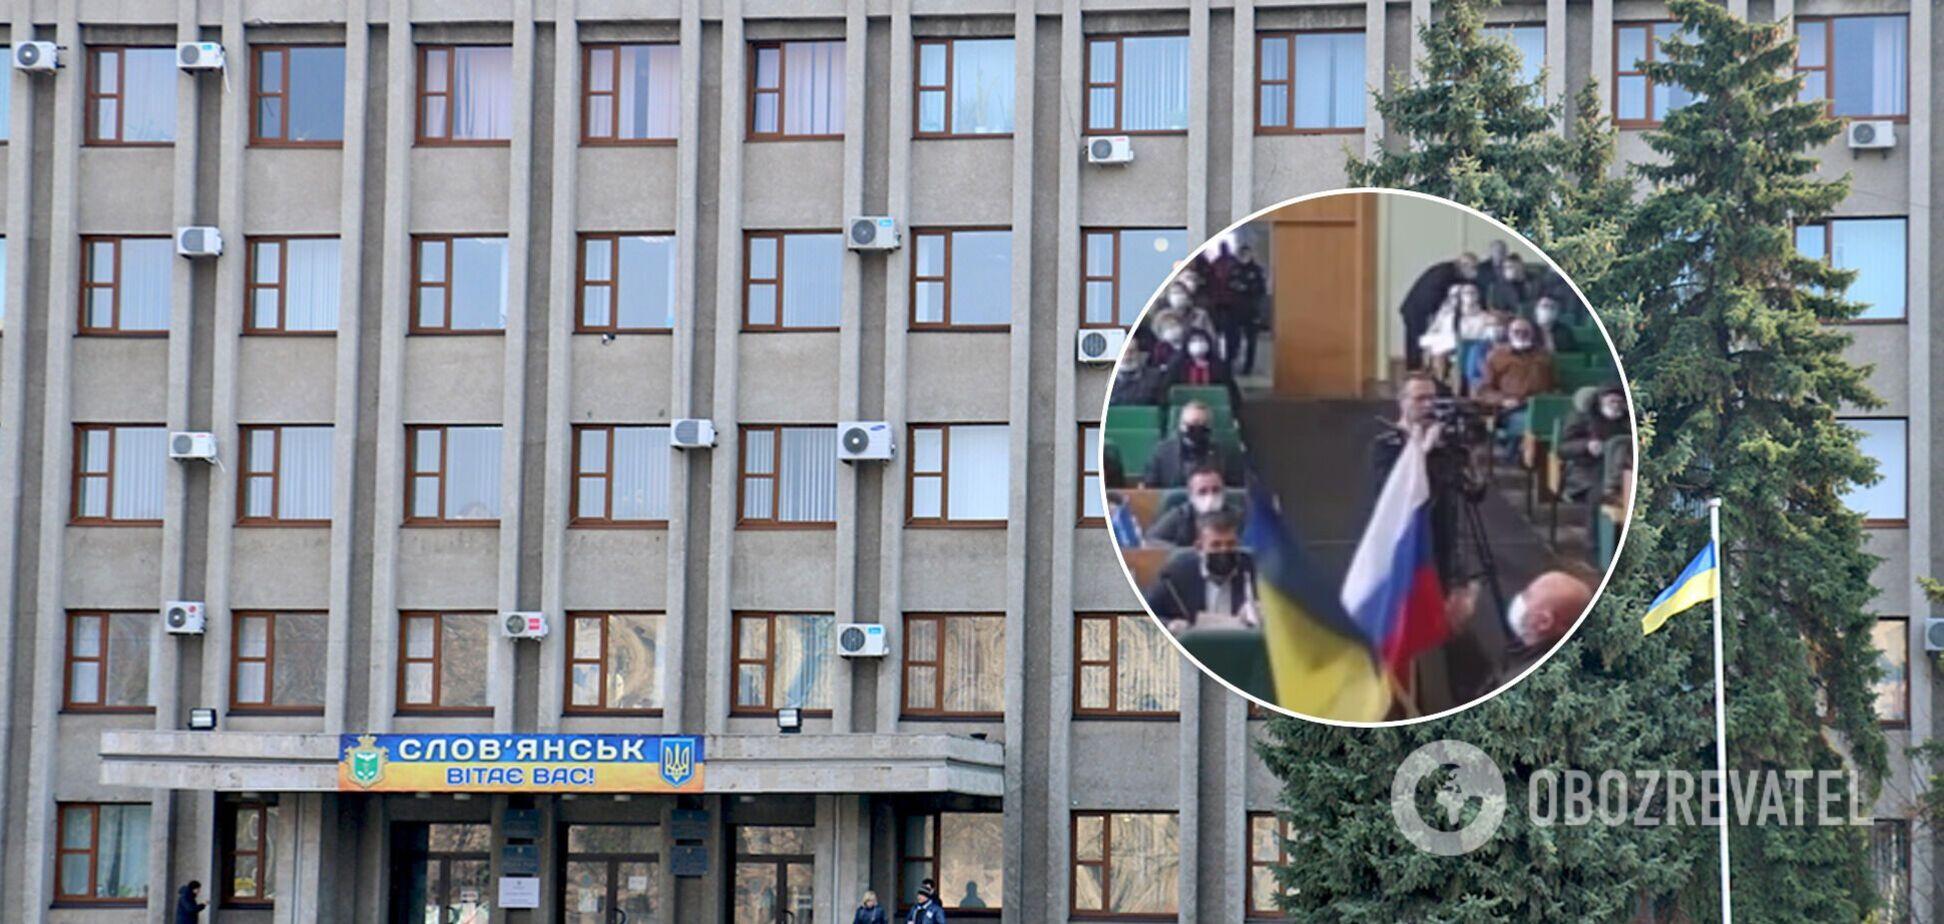 В Славянске в годовщину оккупации в горсовет принесли флаг РФ. Видео